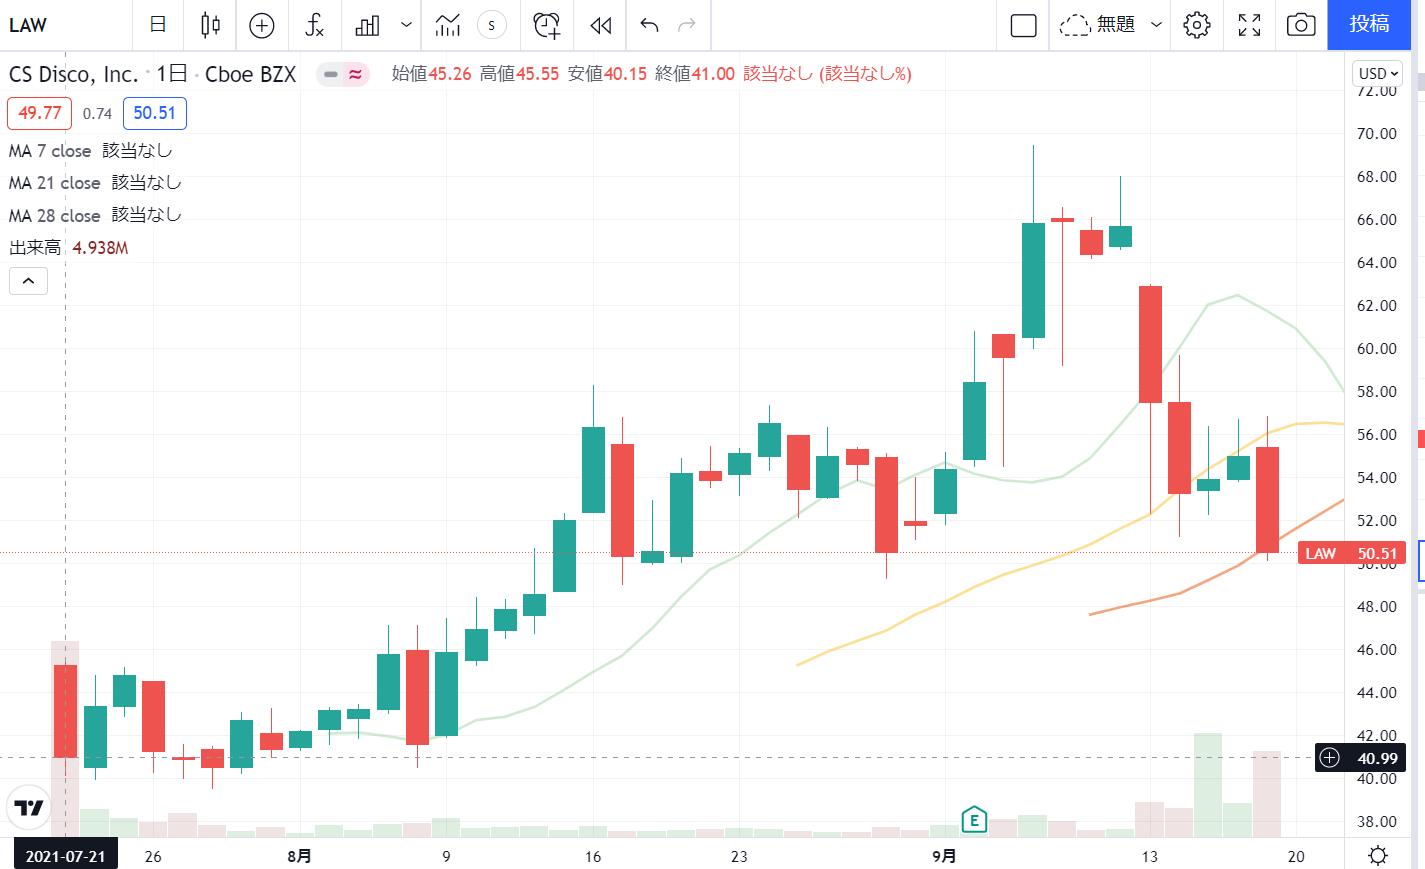 シーエスディスコCSDisco(LAW)の株価チャート(日足)